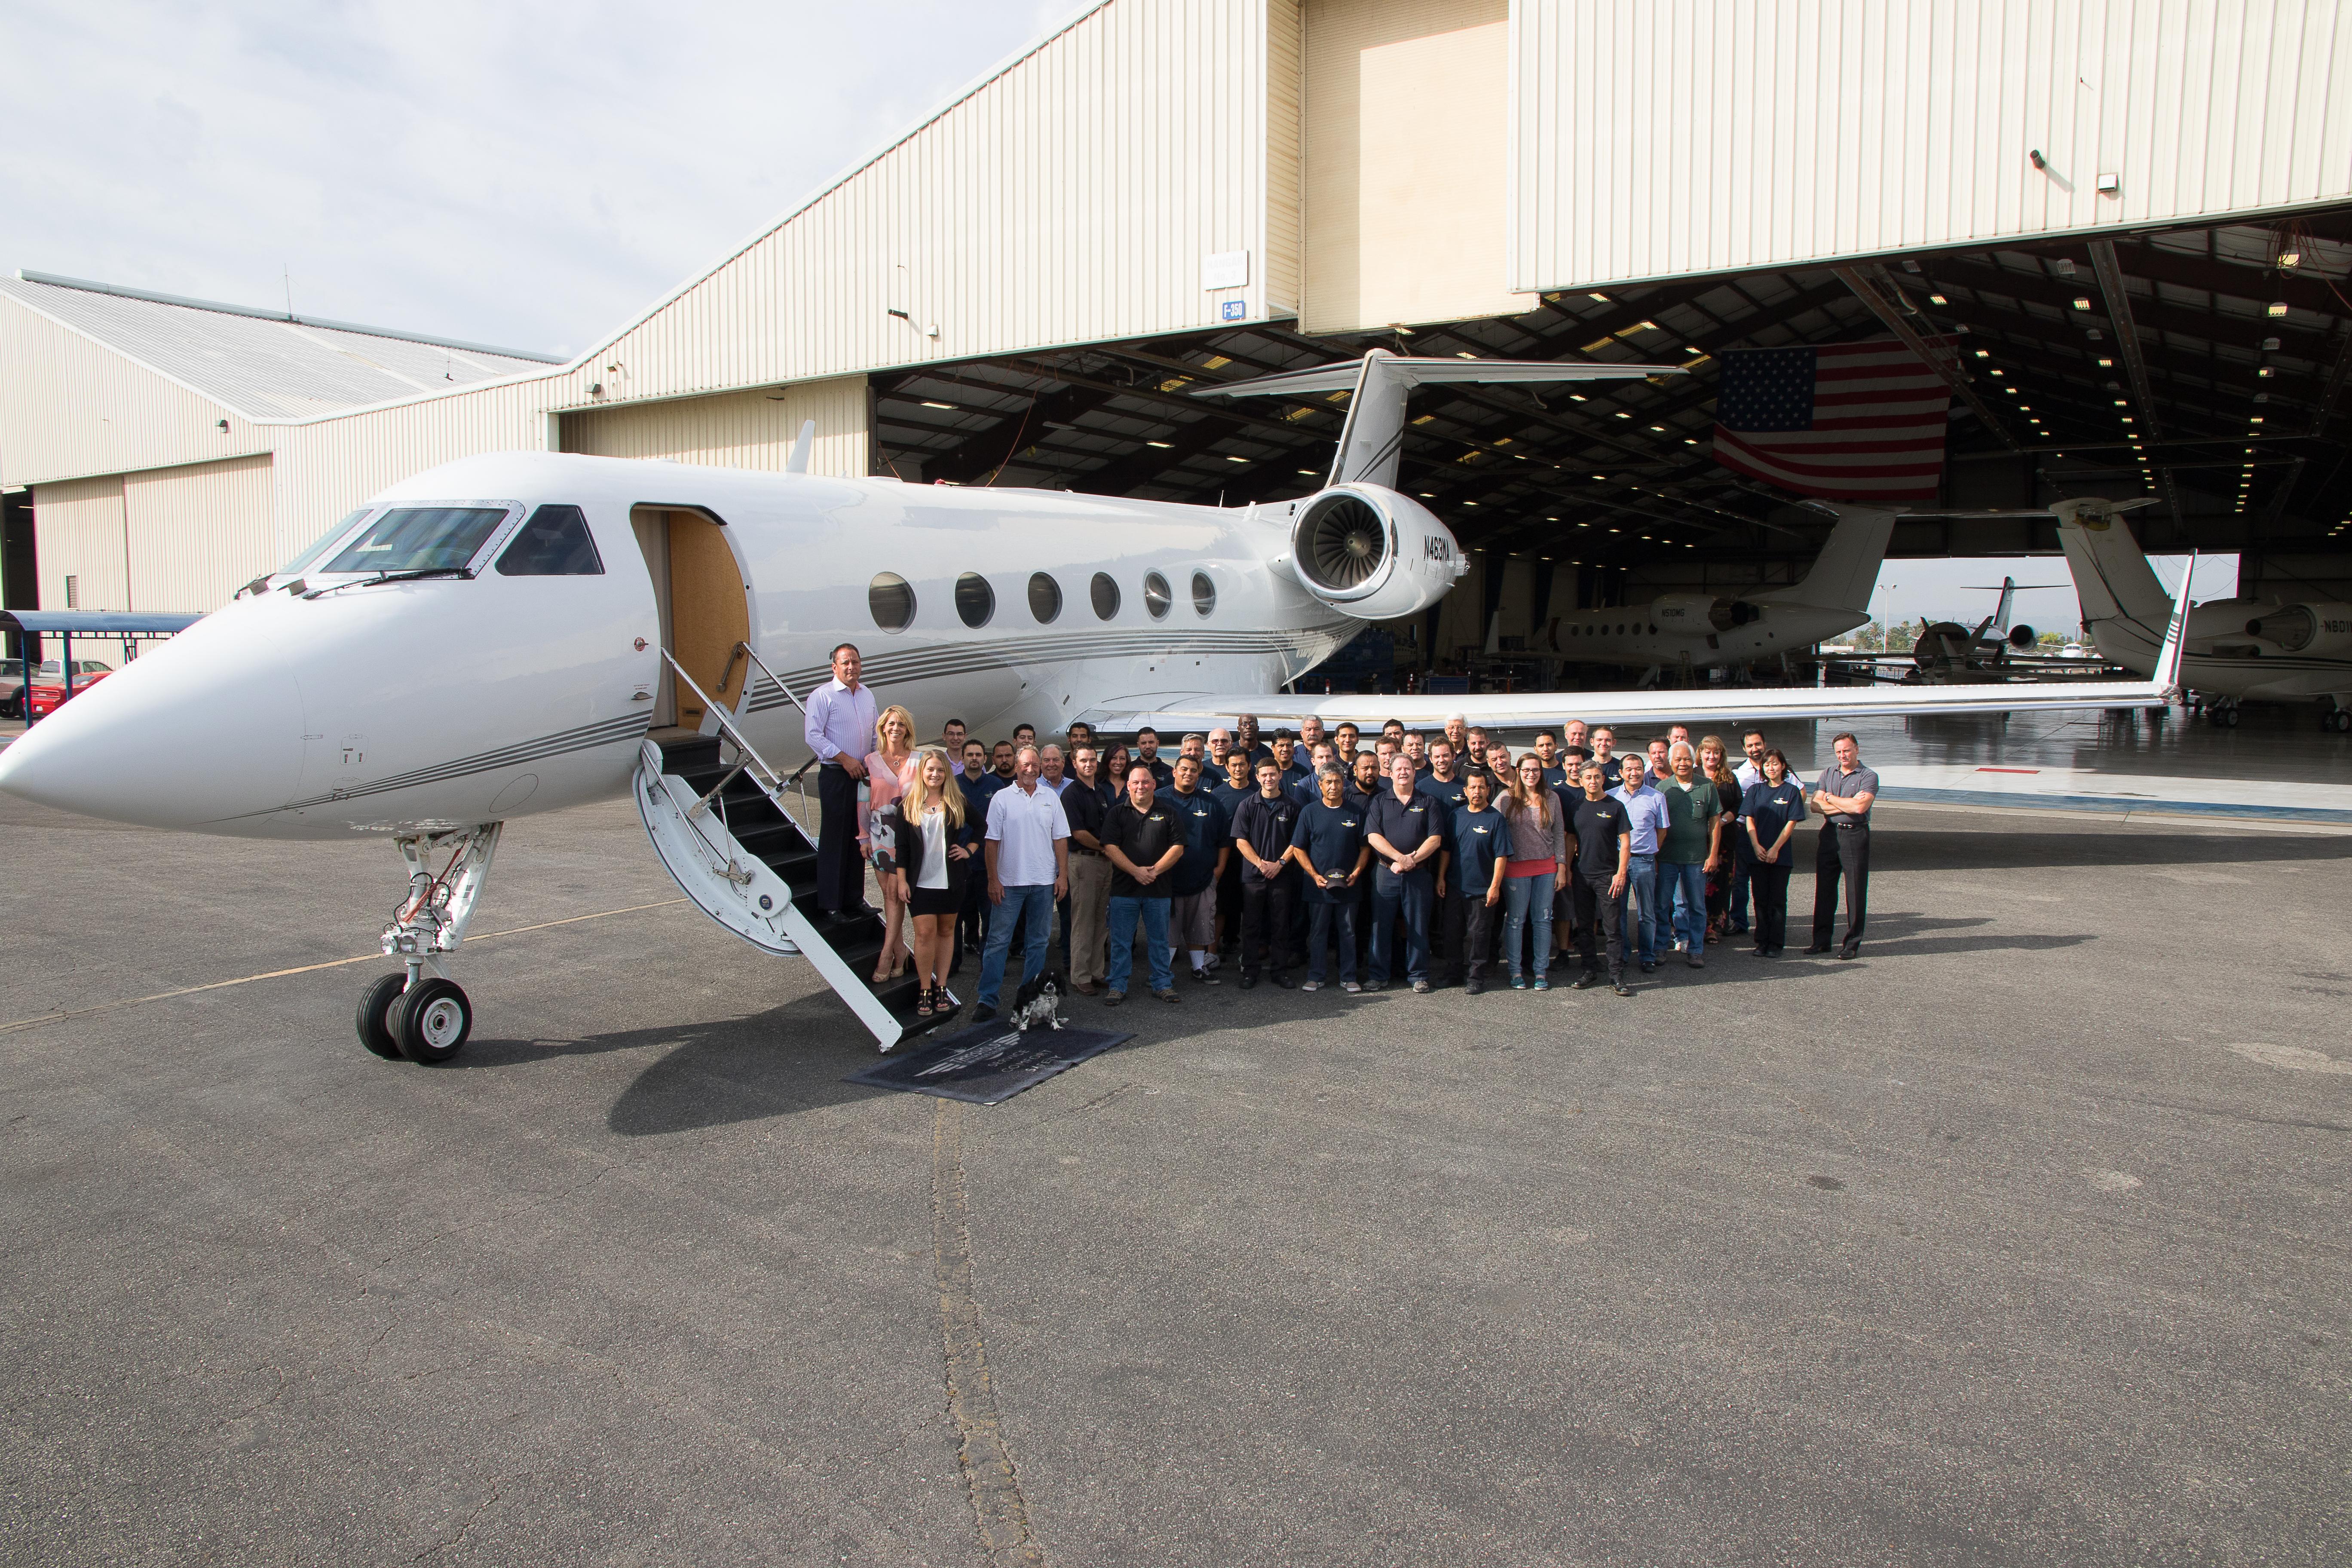 White apron brea ca - Local Aviation Company Expands